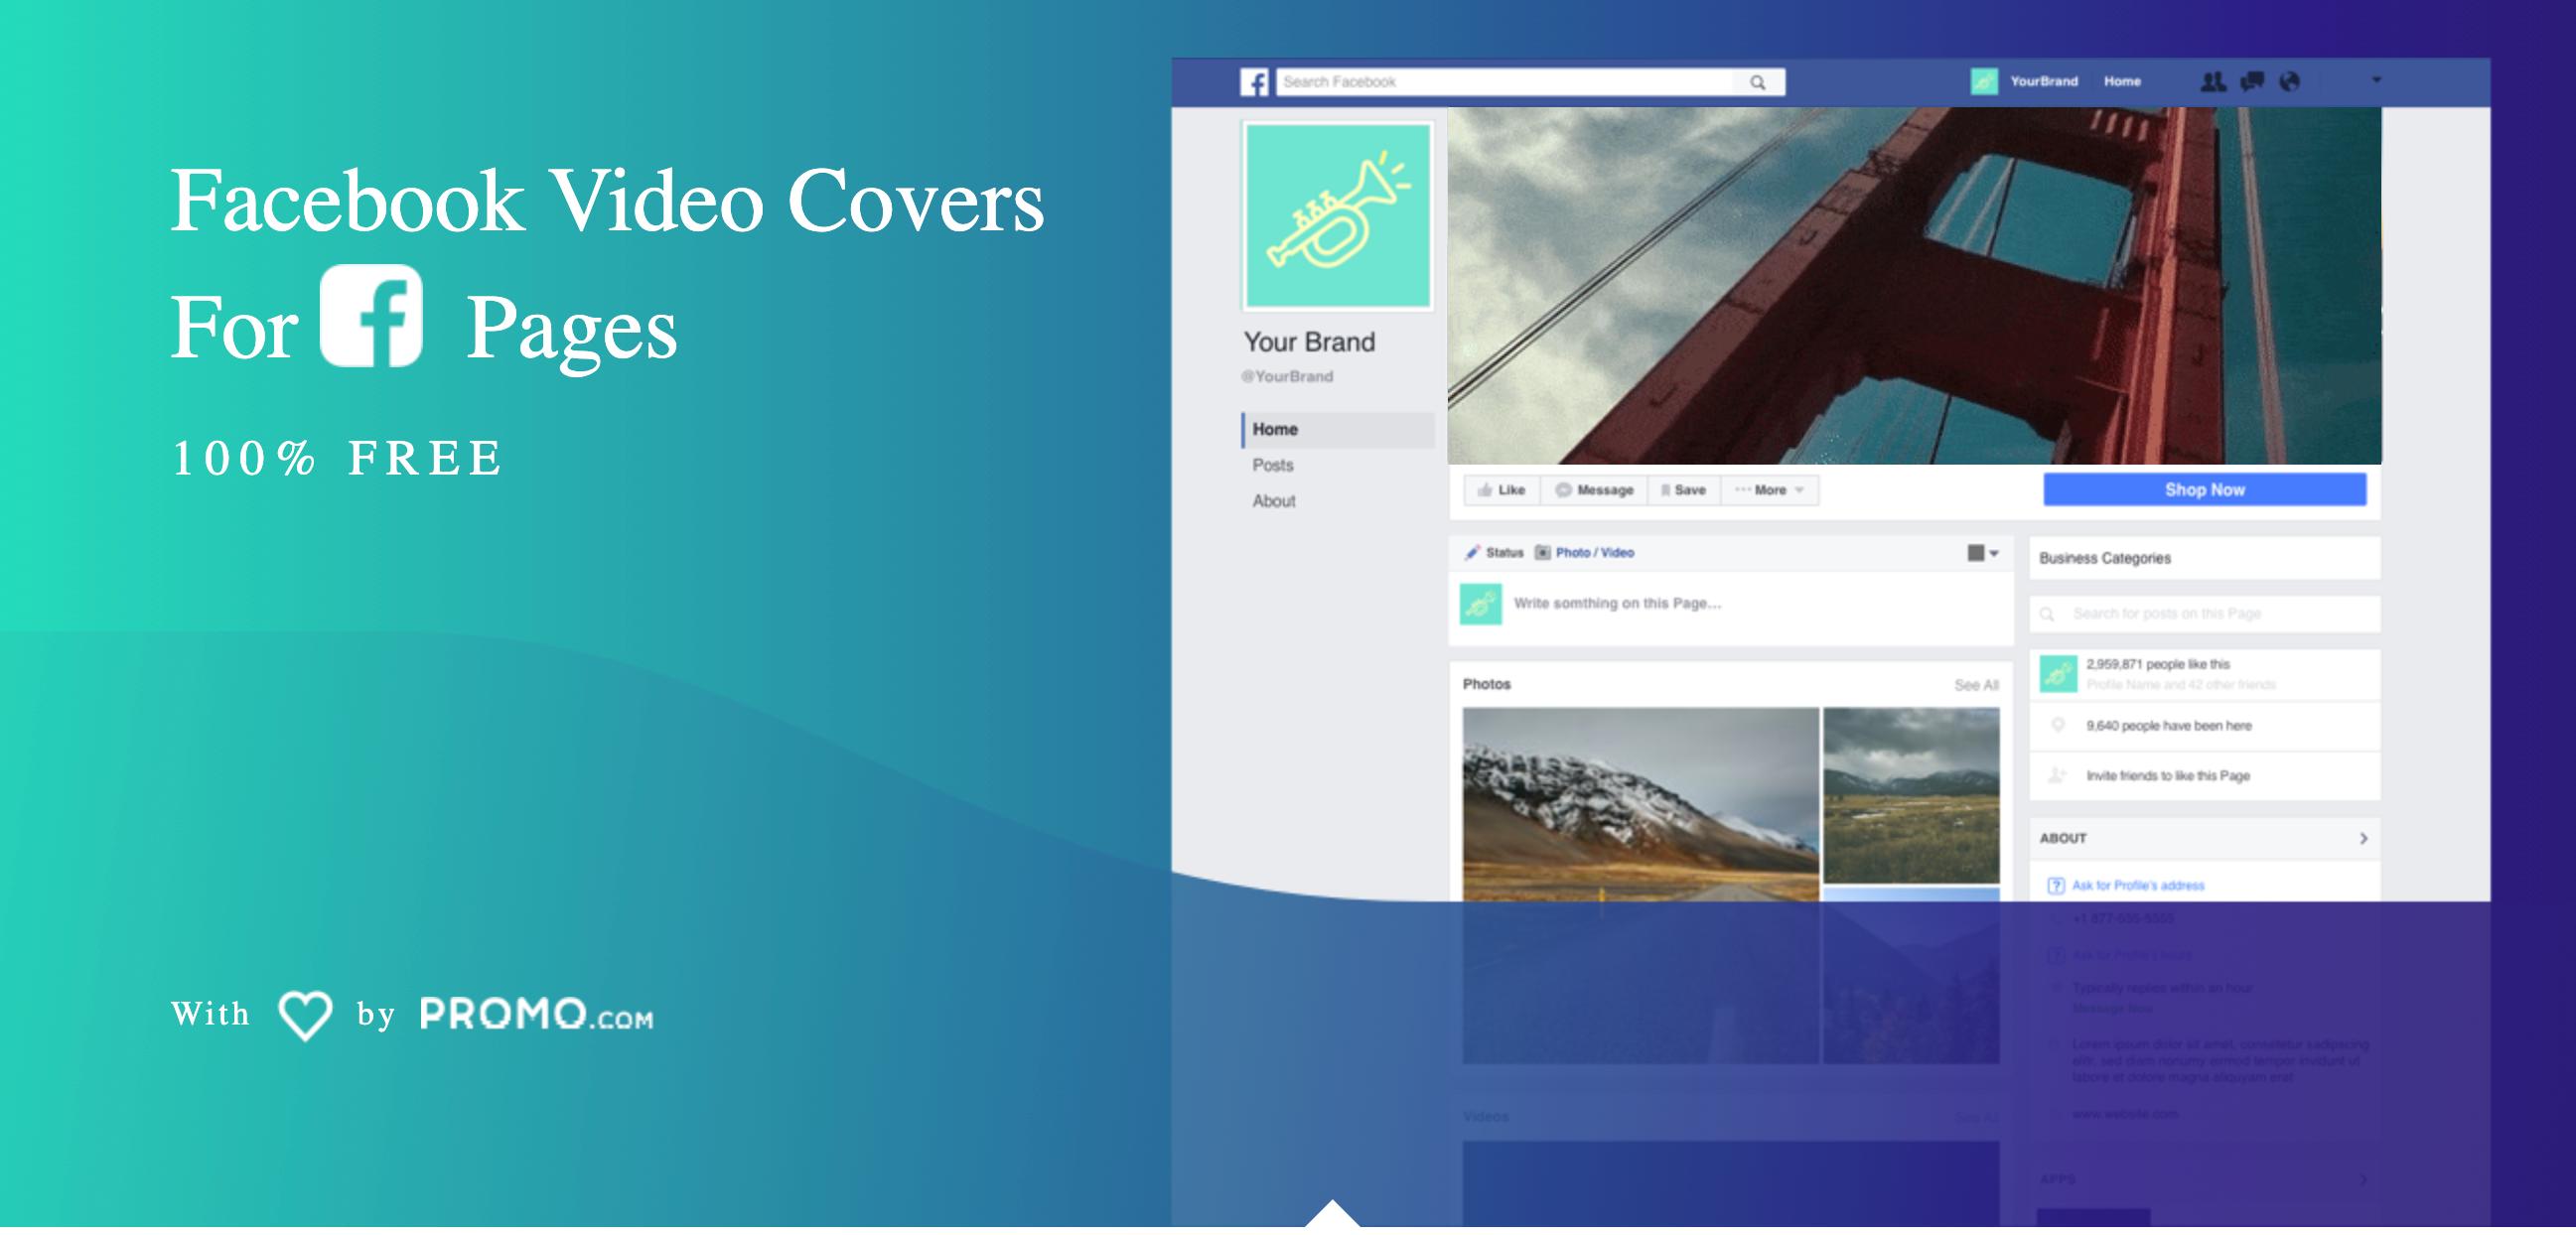 Promo.com Review- Facebook Covers